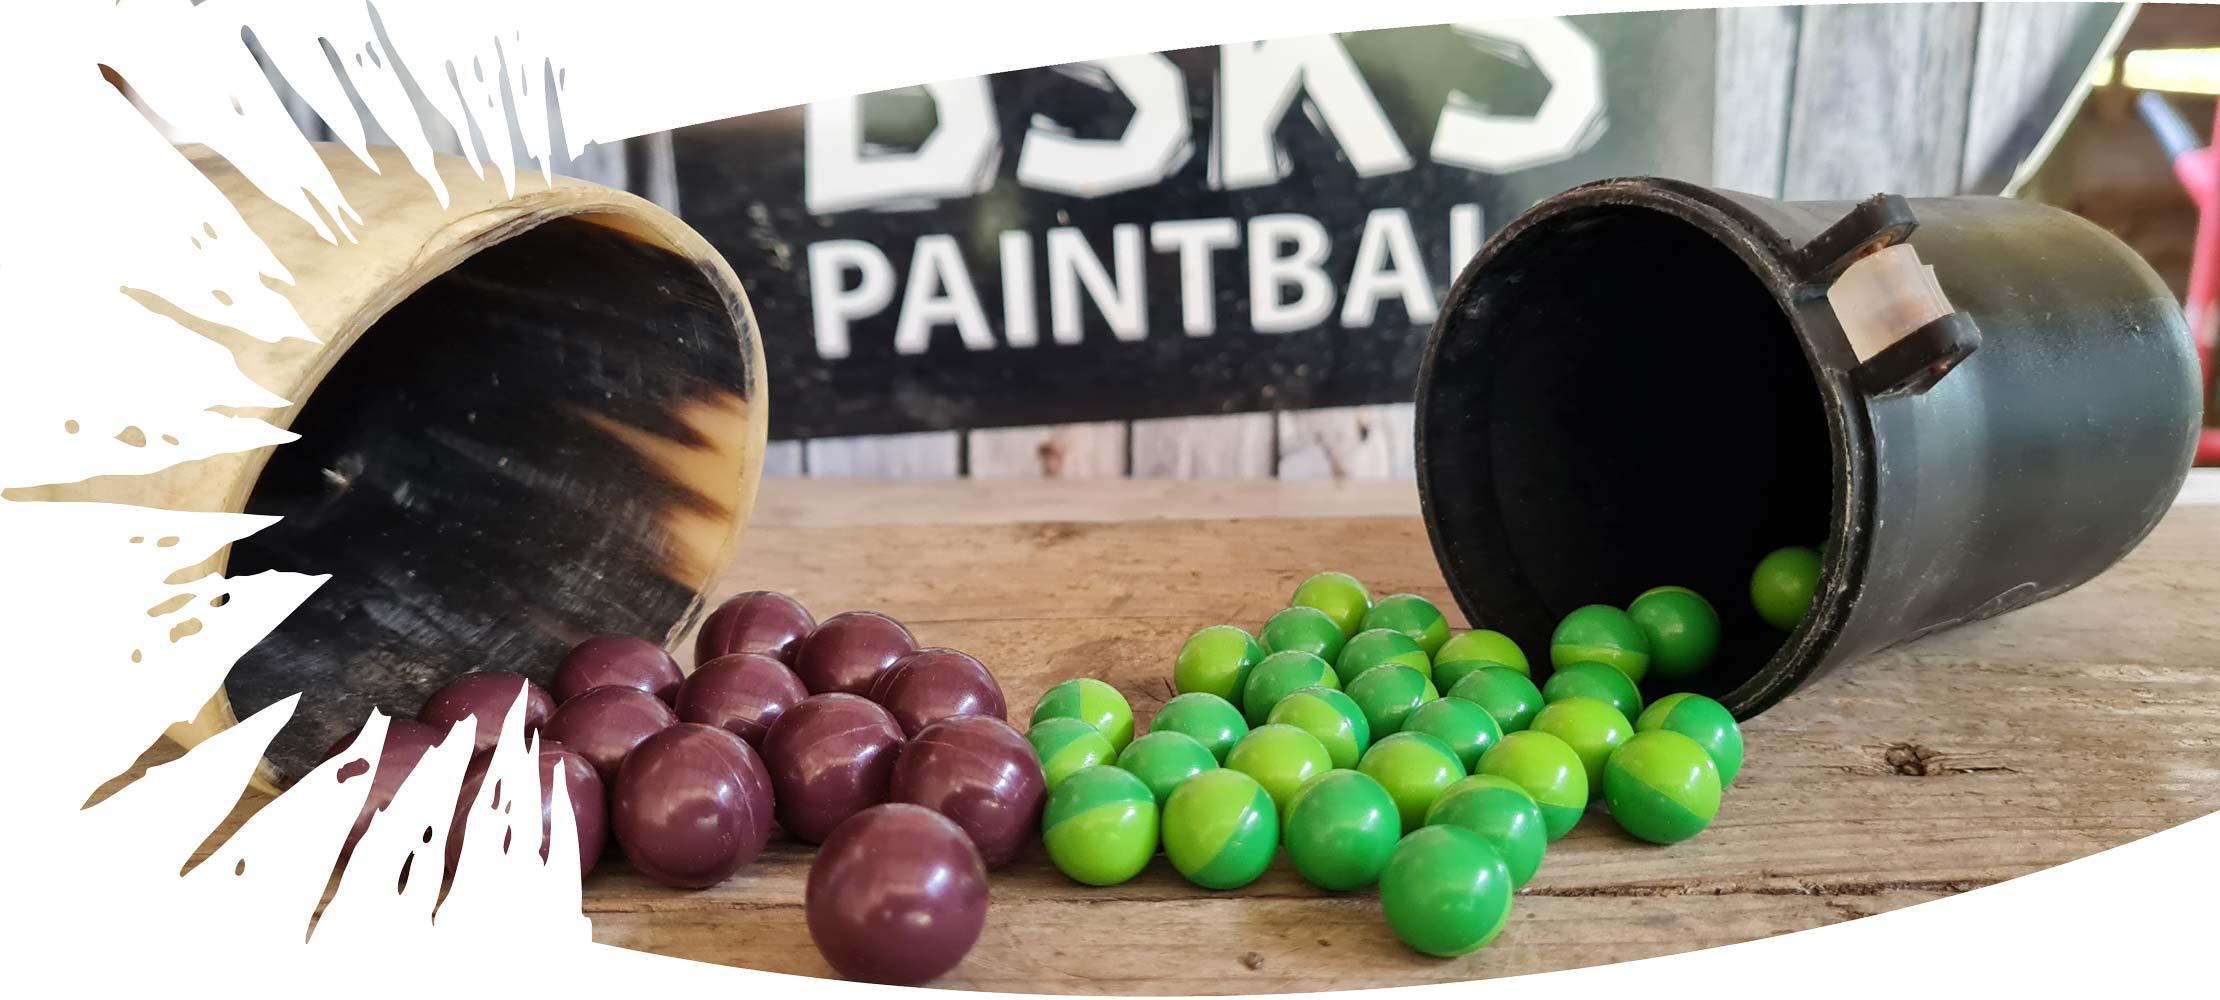 BSKS-paintball-lyon-billes-3